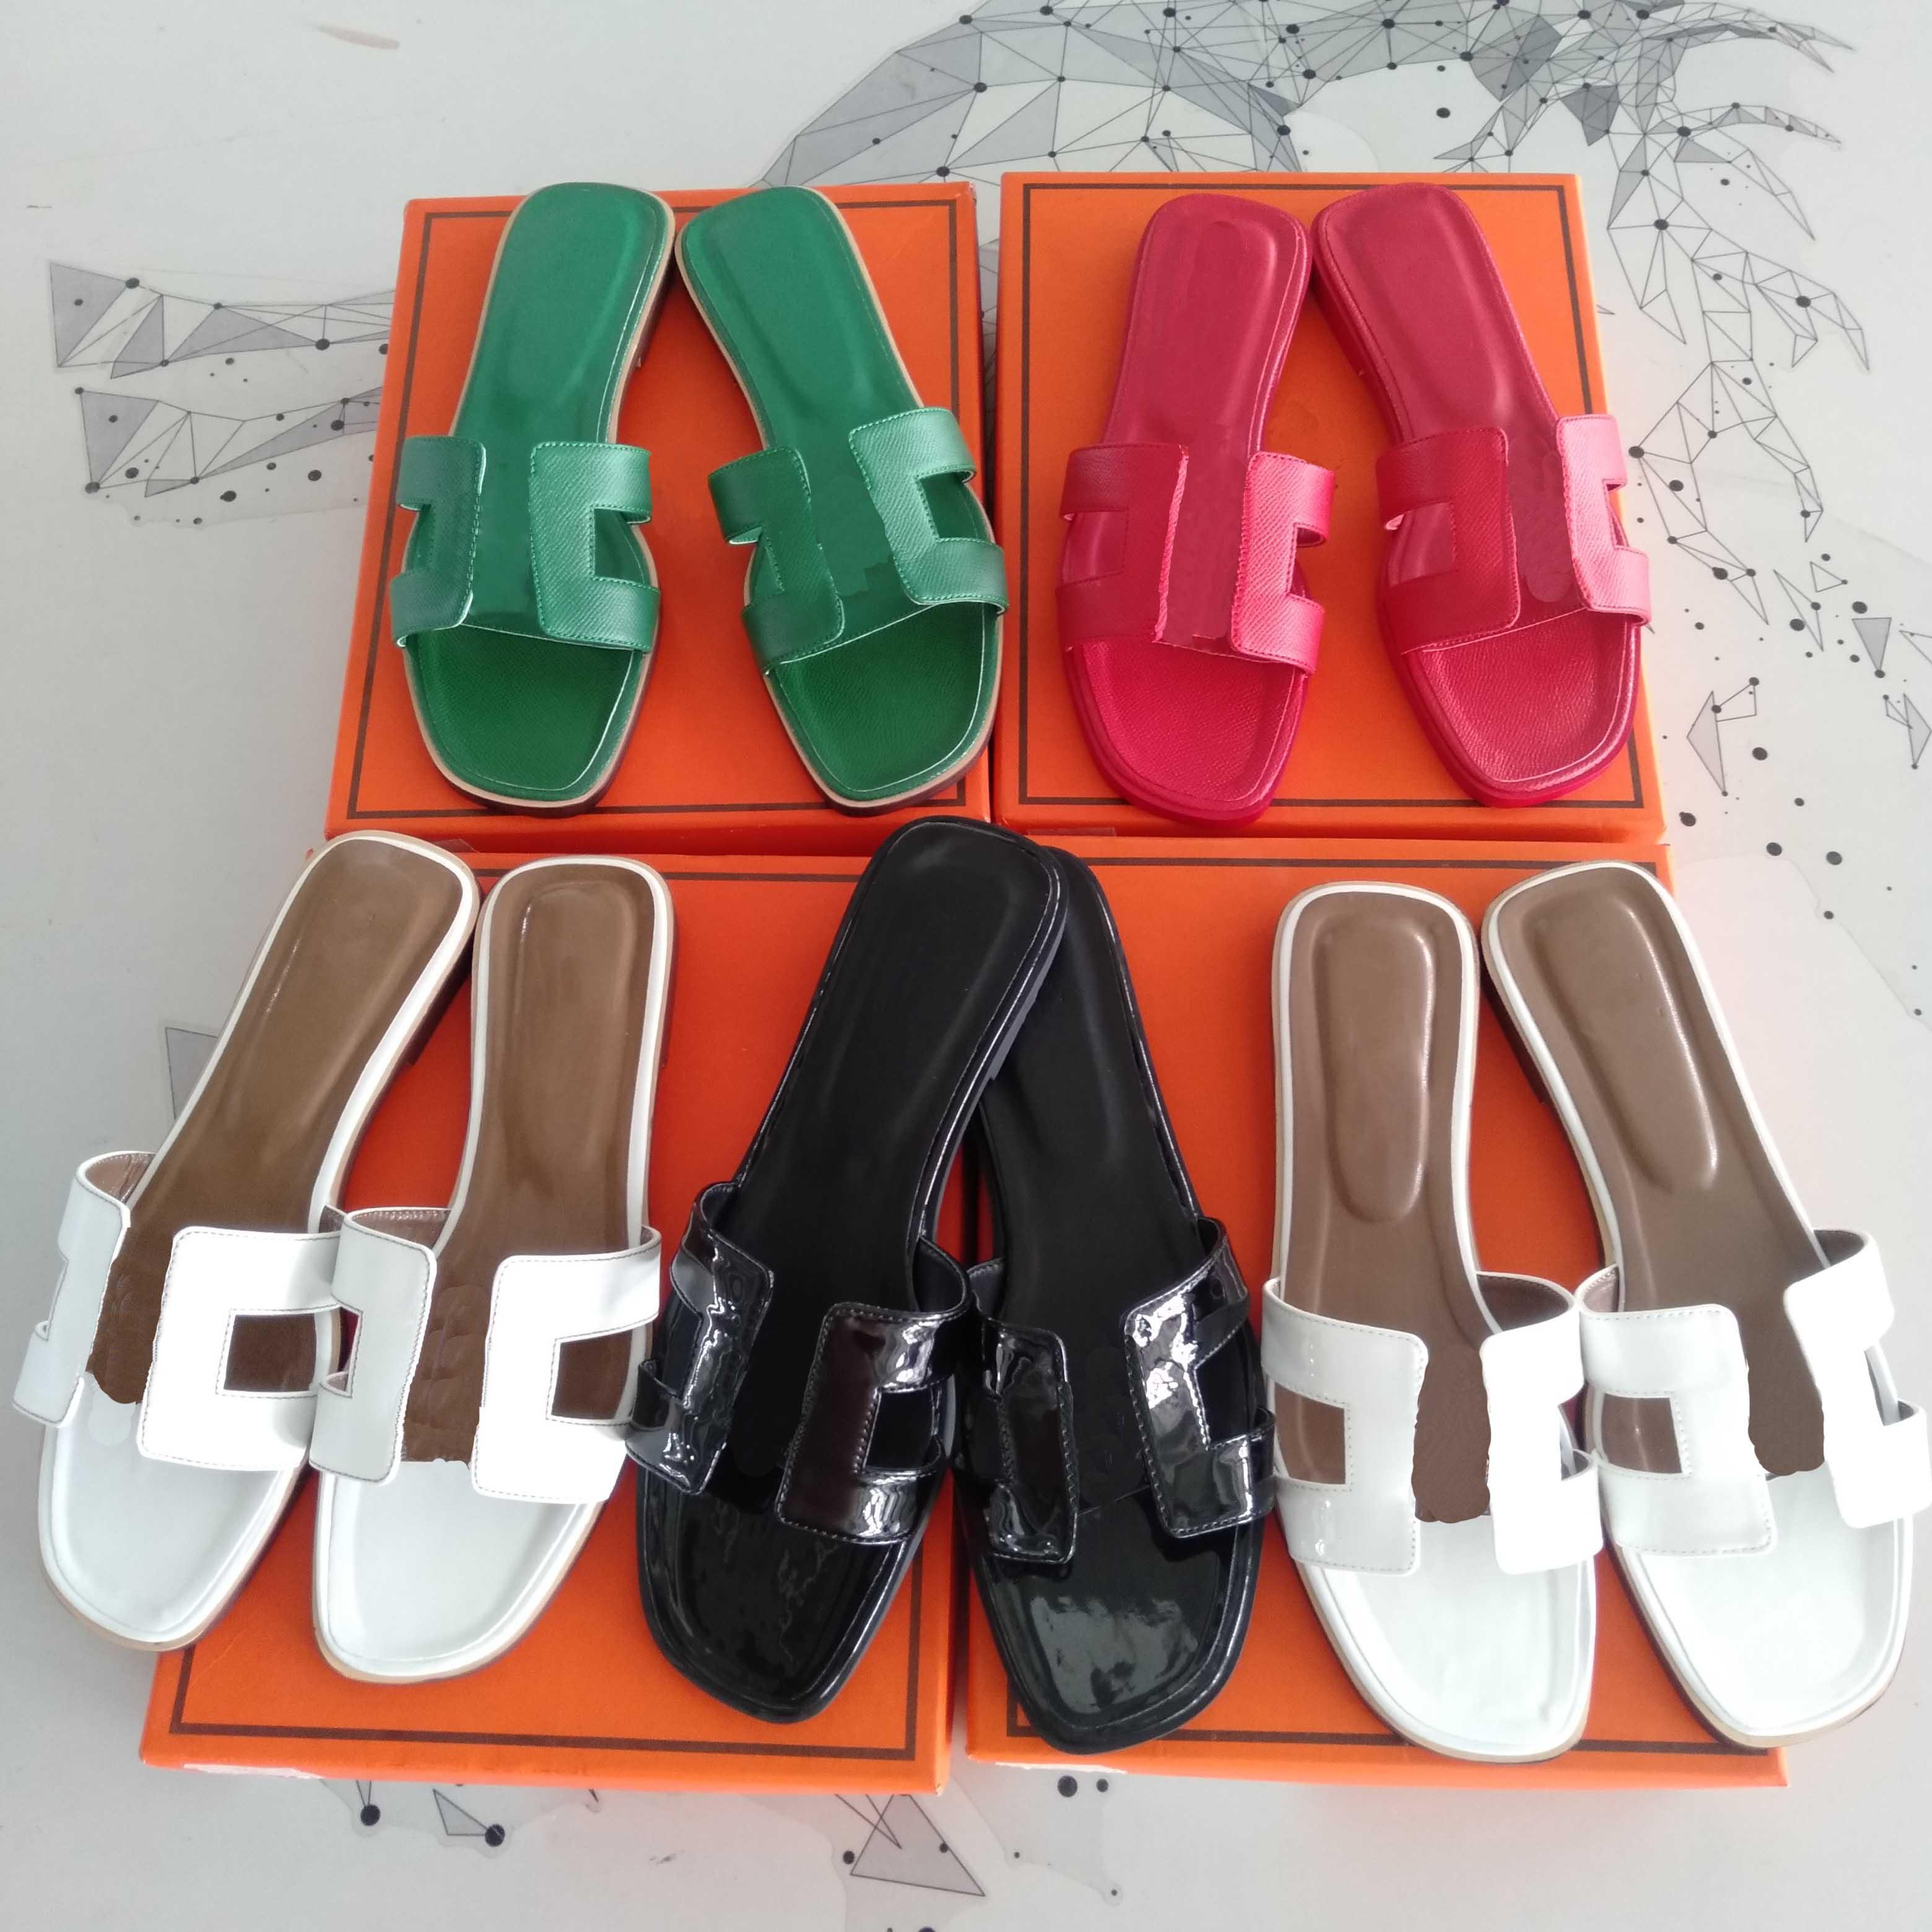 2021 Designer Donne Pantofole Sandali in vera pelle Sandali Estate Orano Flacchino Flip Flop Pelle di coccodrillo Slift Skins Ladies Beach Sandalo Luxury Party Slipper da sposa con scatola